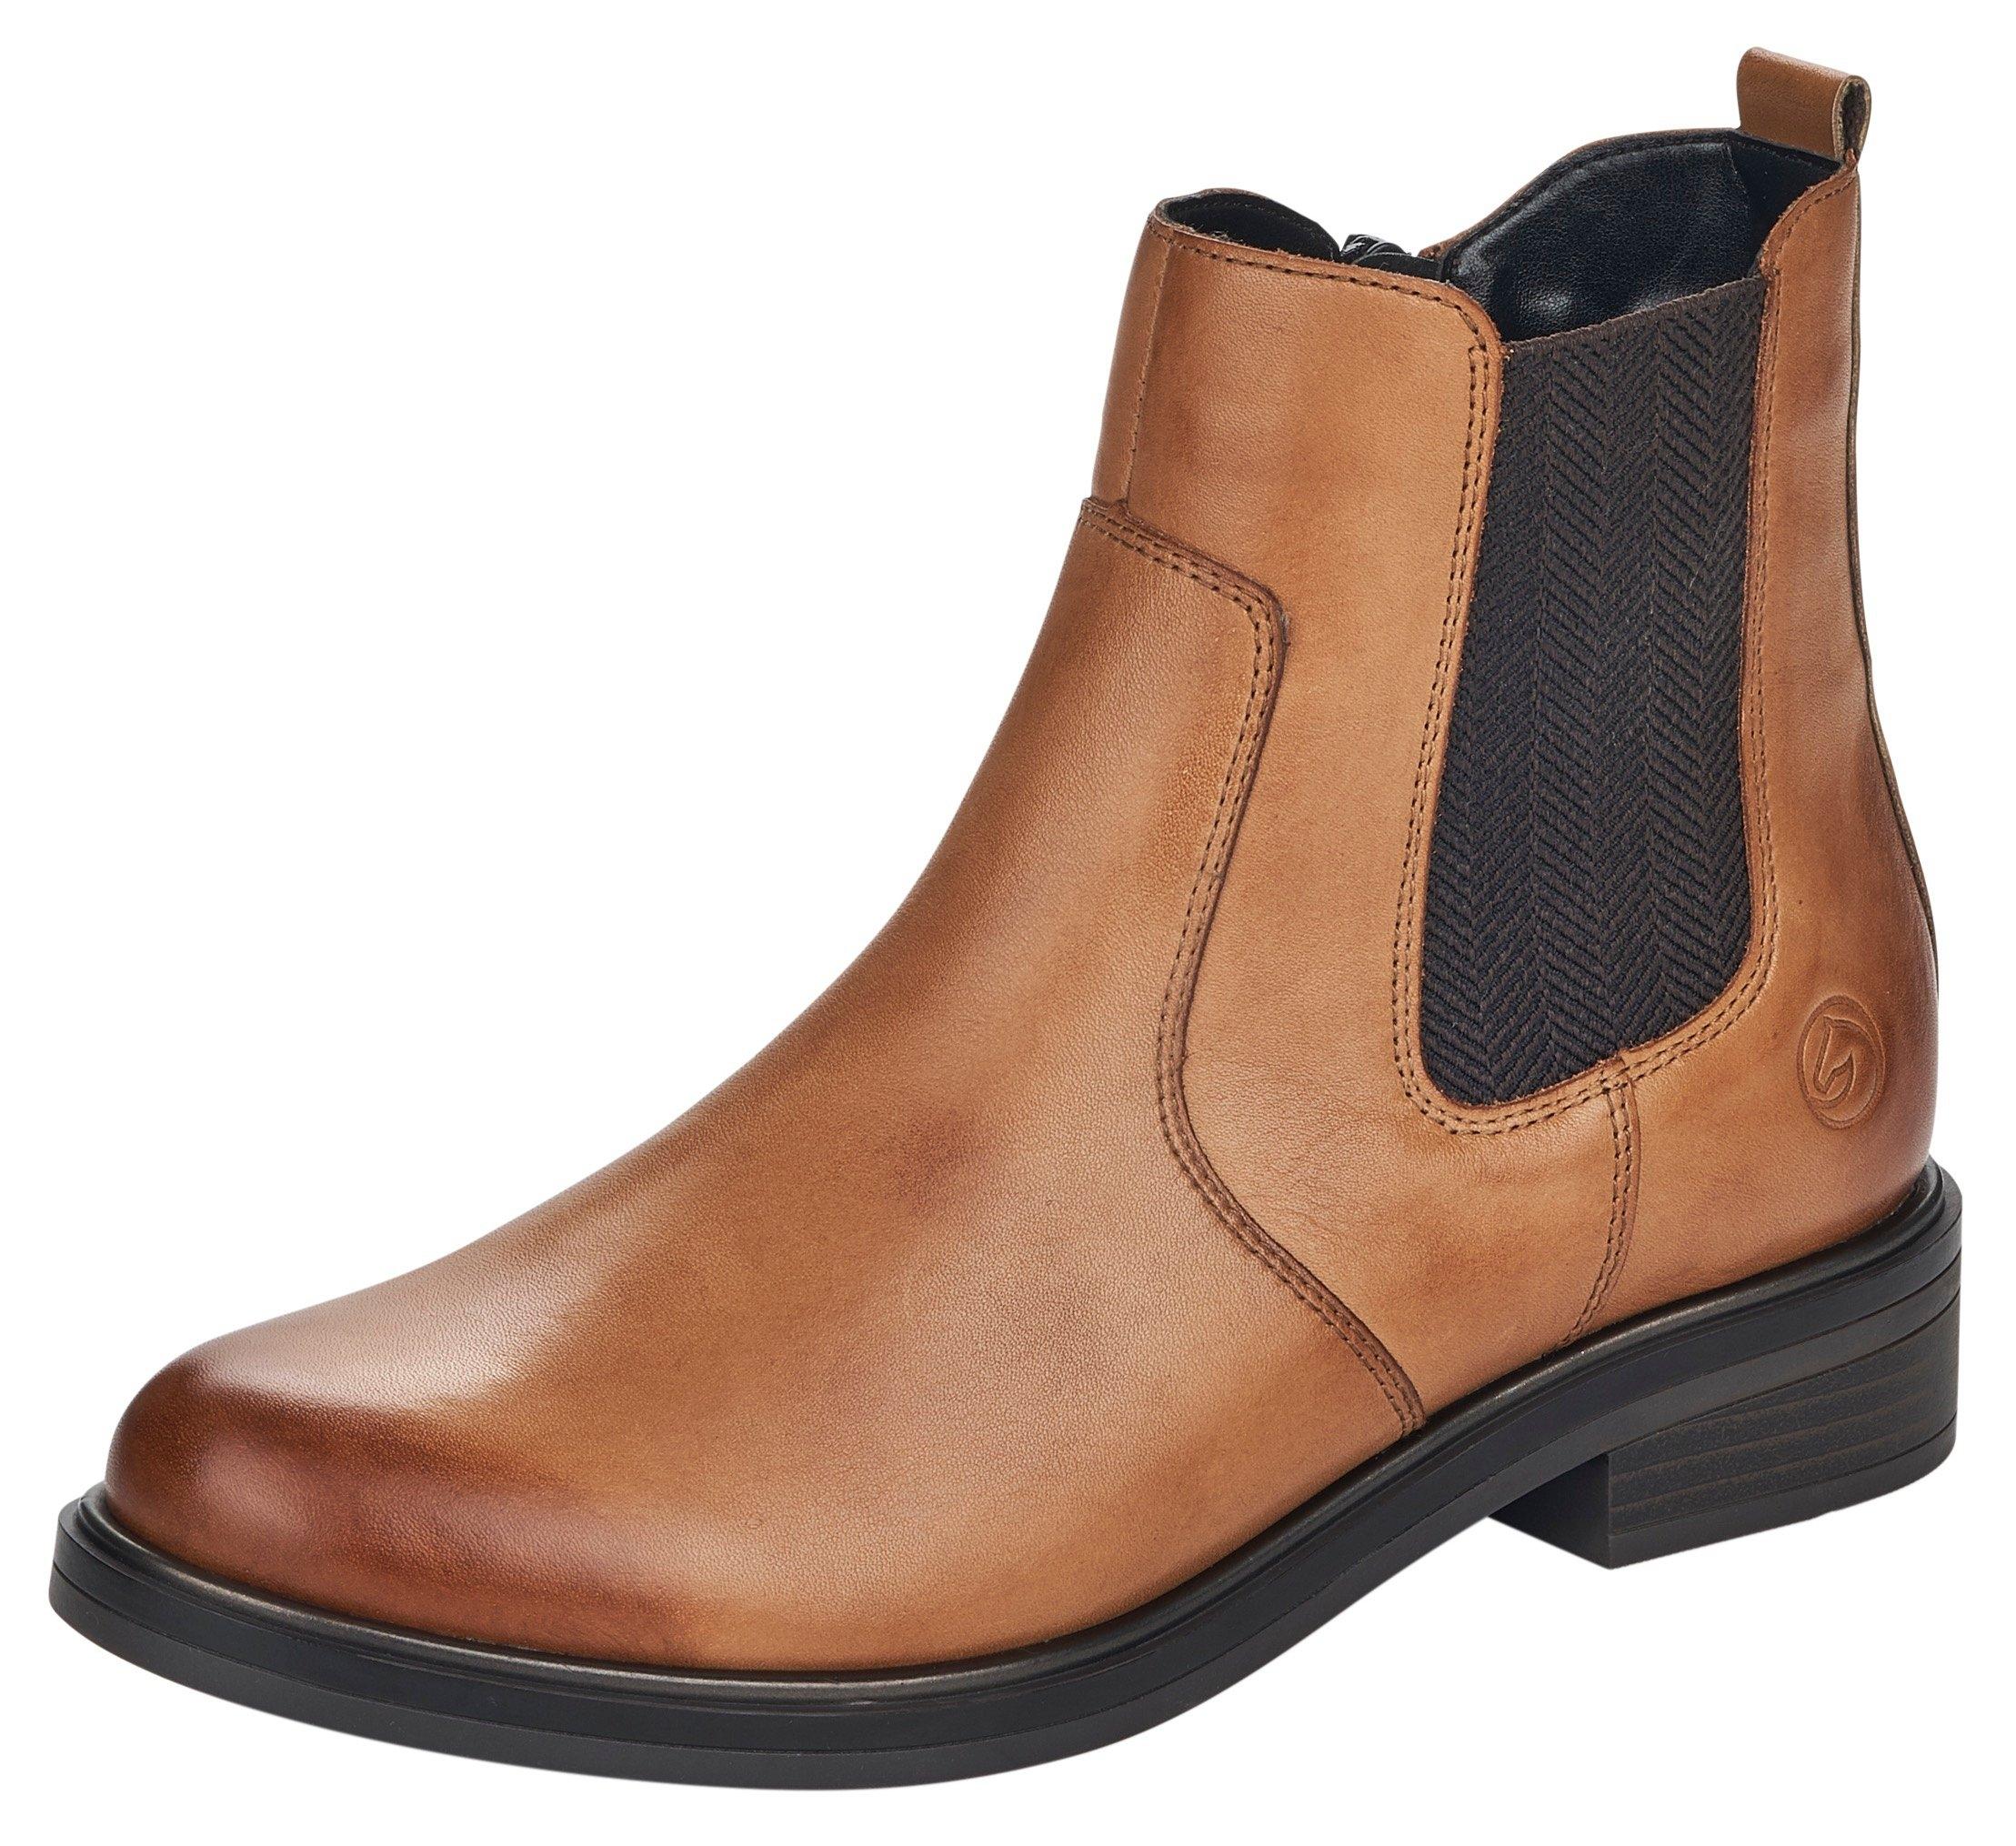 Remonte Chelsea-boots met een uitneembare binnenzool online kopen op otto.nl